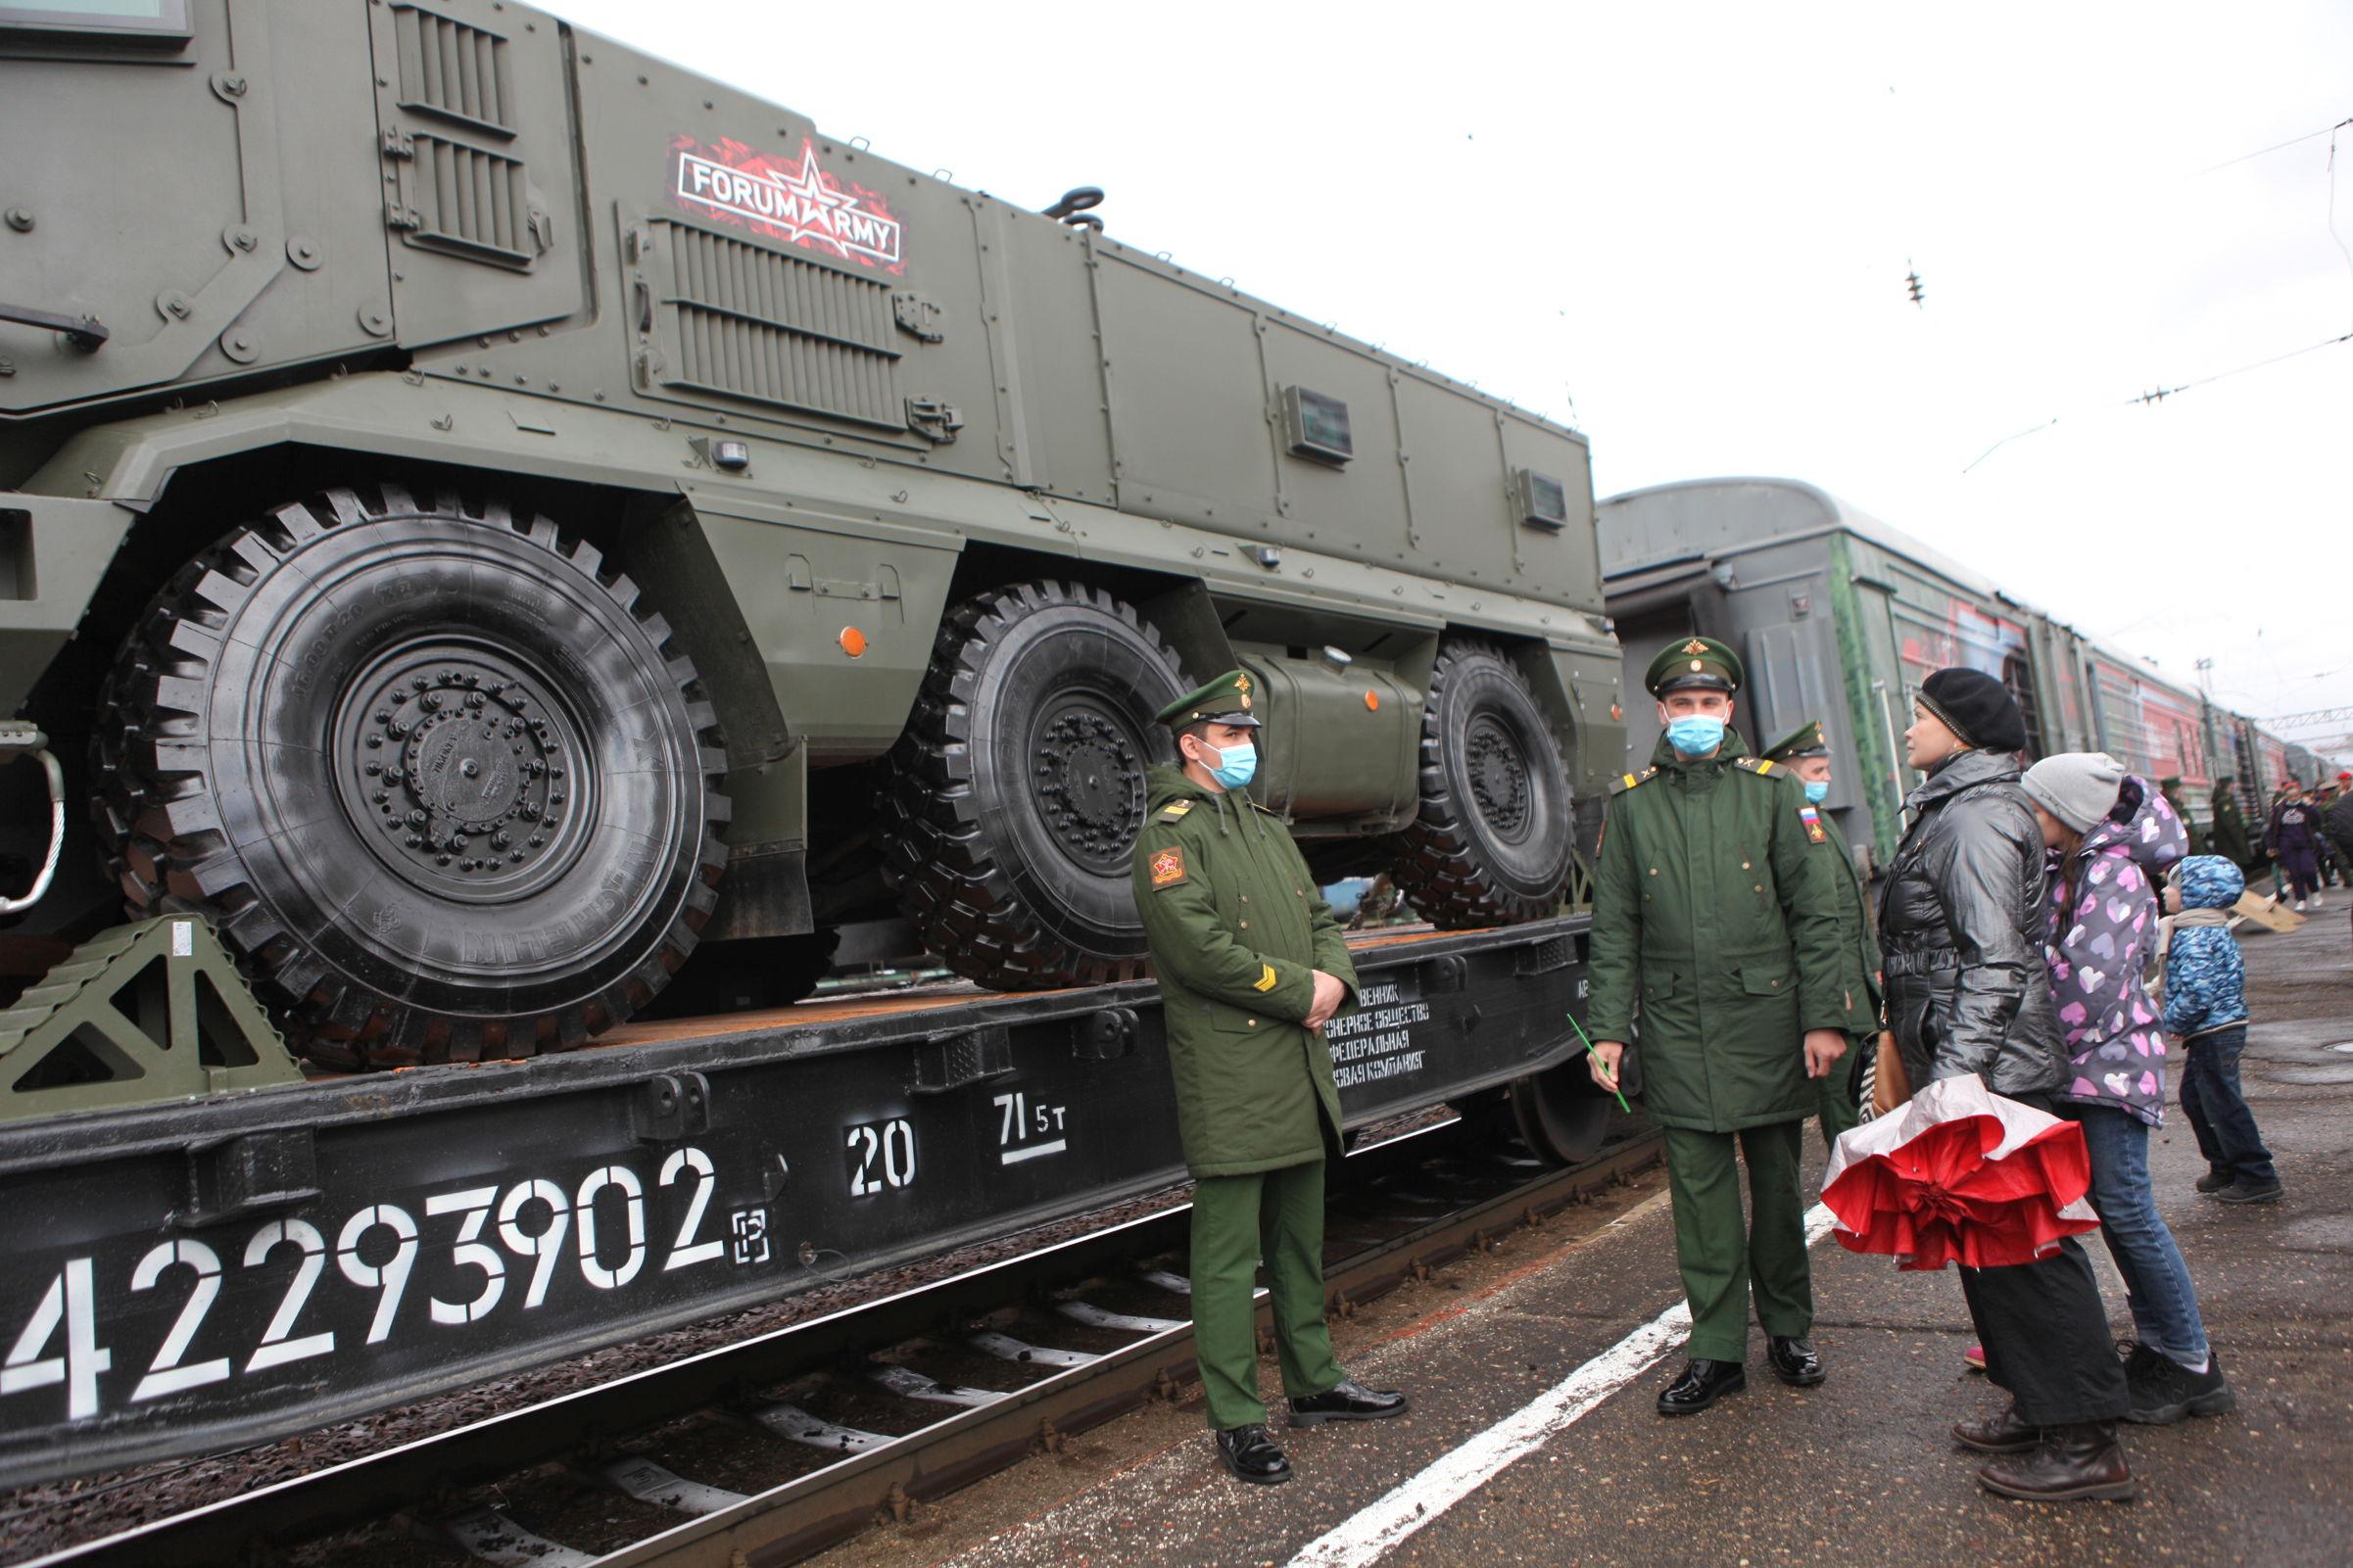 Спецпоезд Минобороны России прибыл в Ярославль: фоторепортаж